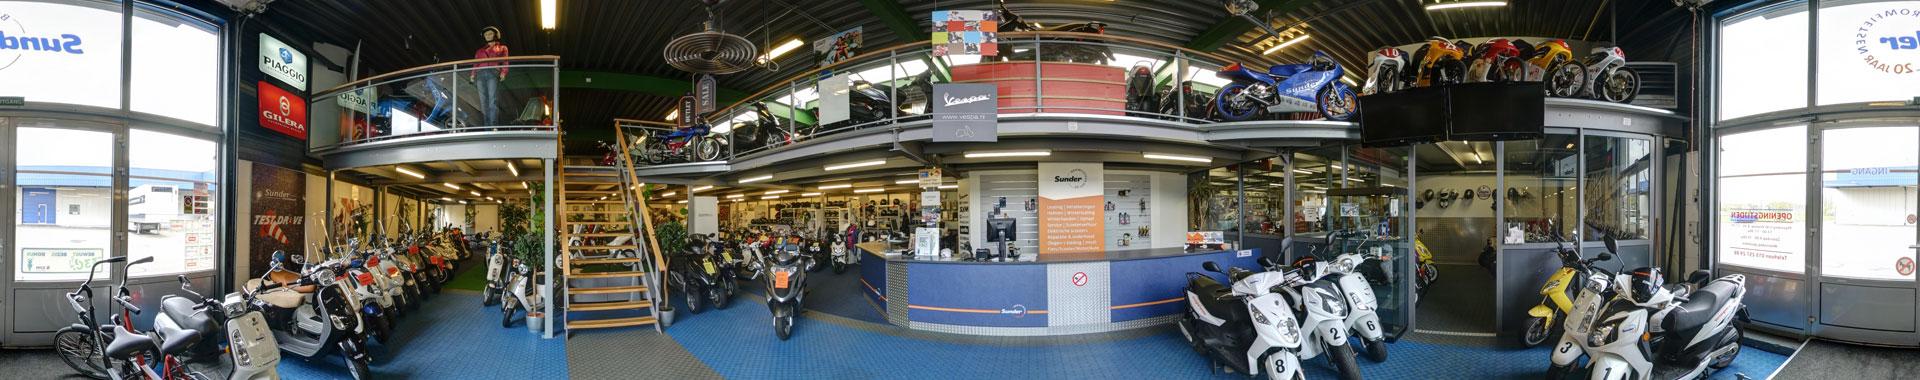 Uitzonderlijk 360gradenfotopanorama.nl - Google Streetview   Trusted voor bedrijven MZ-52